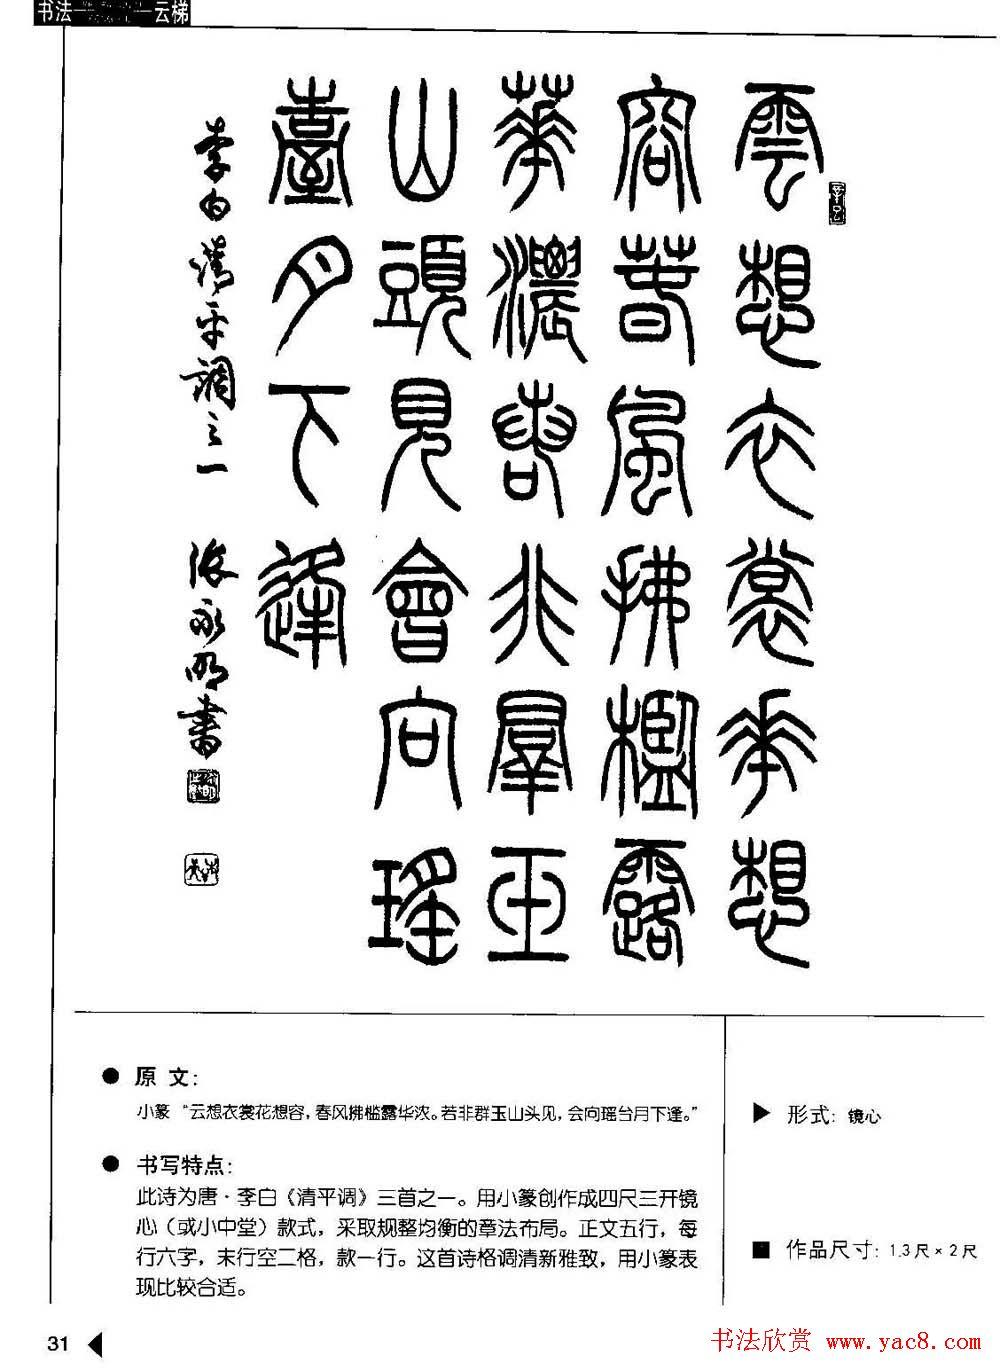 张永明篆书字帖 篆书诗词50例 第33页 篆书字帖 书法欣赏